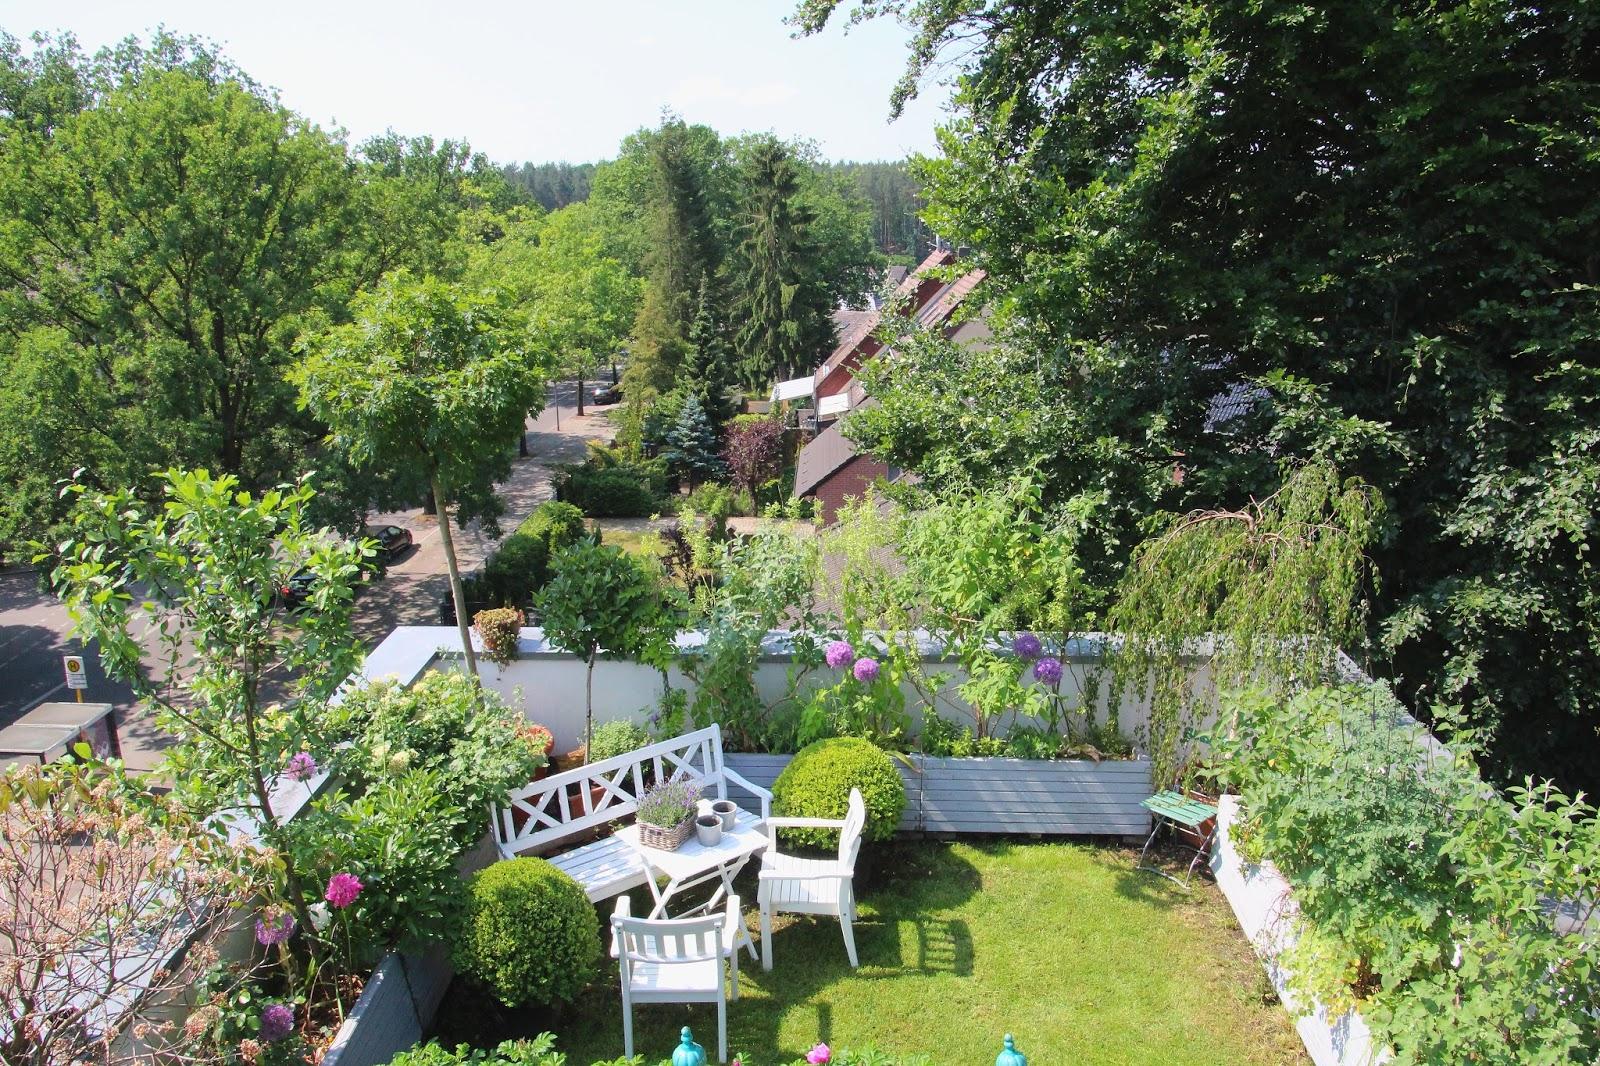 ein cottage garten auf dem dach 06 04 16. Black Bedroom Furniture Sets. Home Design Ideas